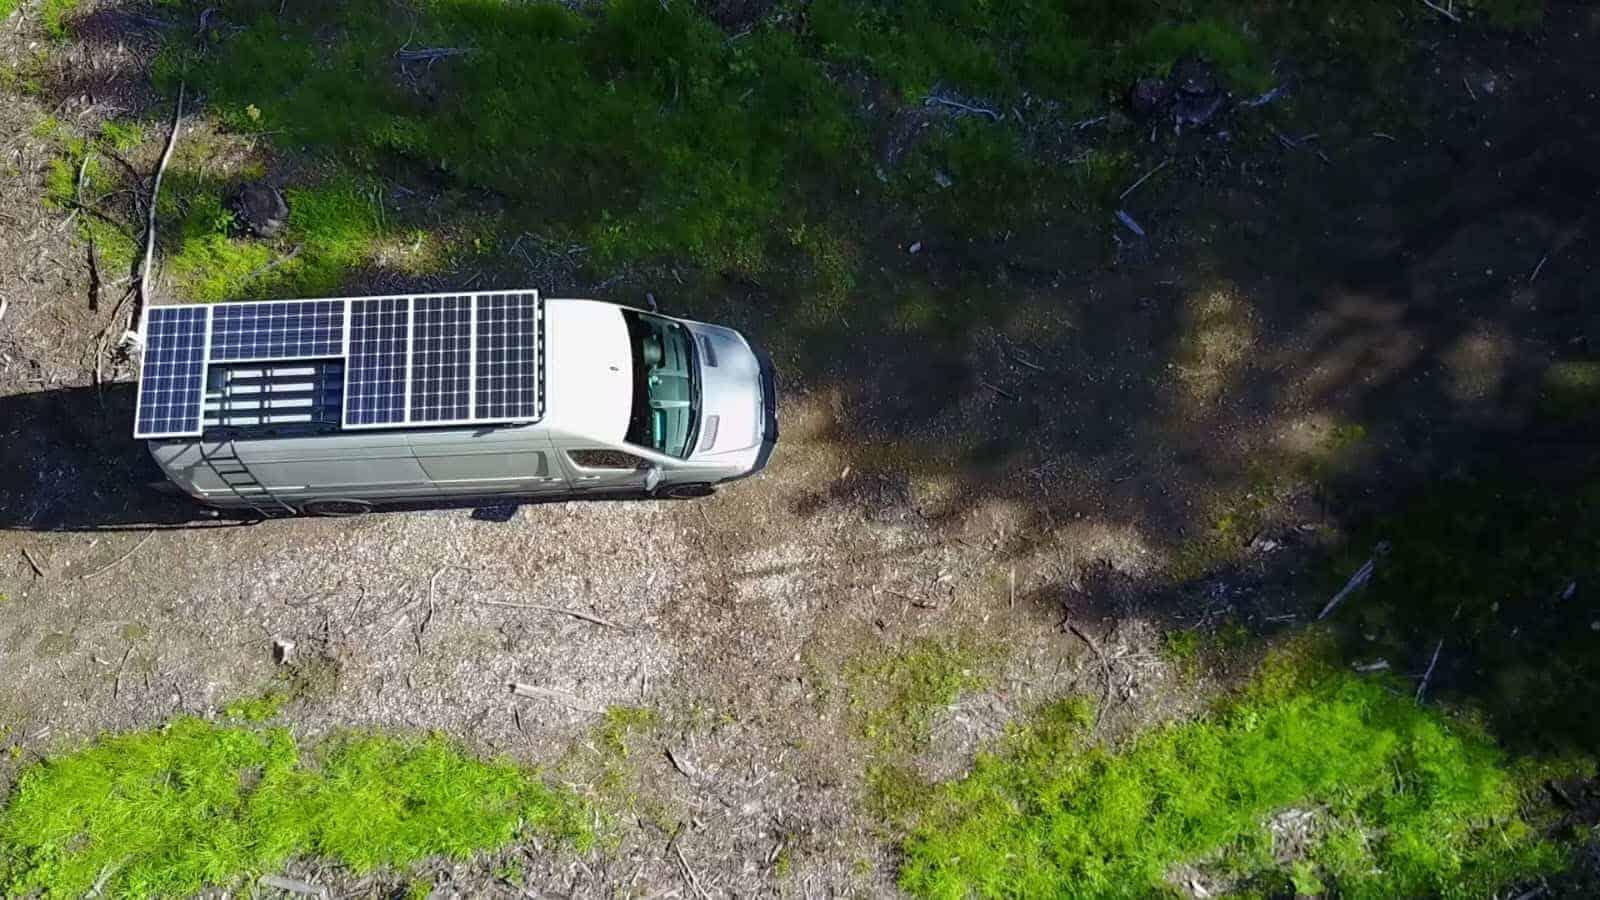 DIY-Campervan-Solar-6